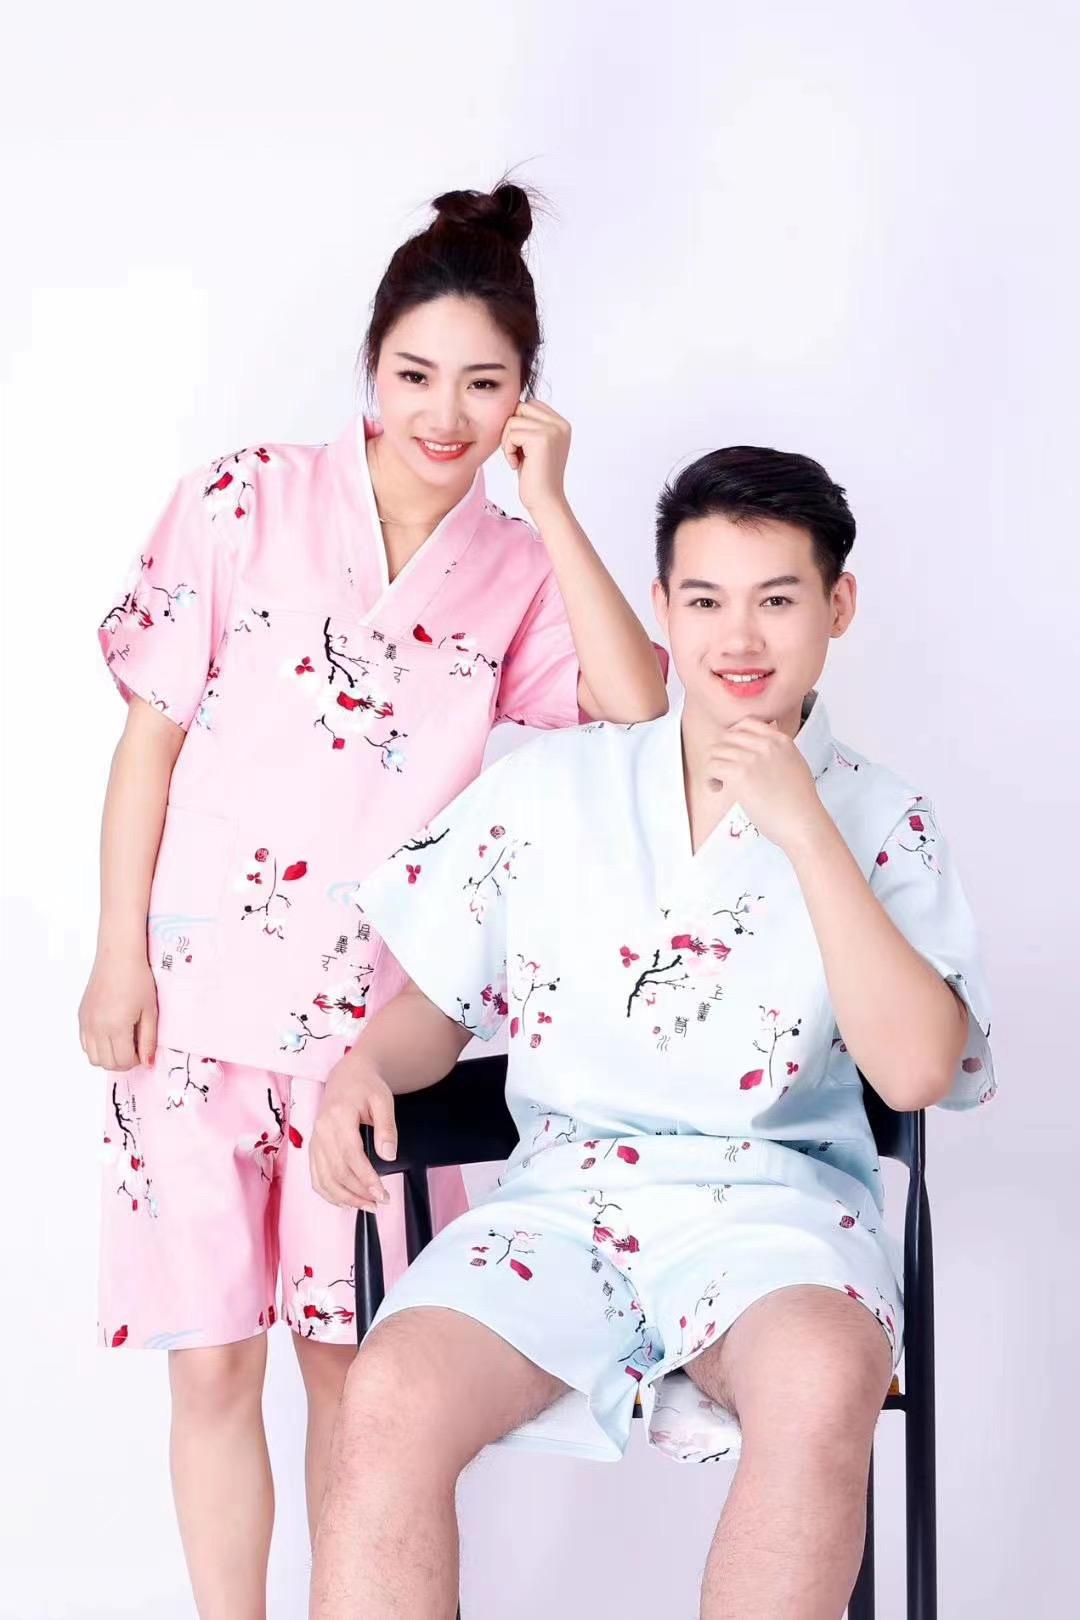 君芝友酒店用品純棉浴袍 酒店用彩色印花睡衣 五星級酒店全棉浴服產品展示